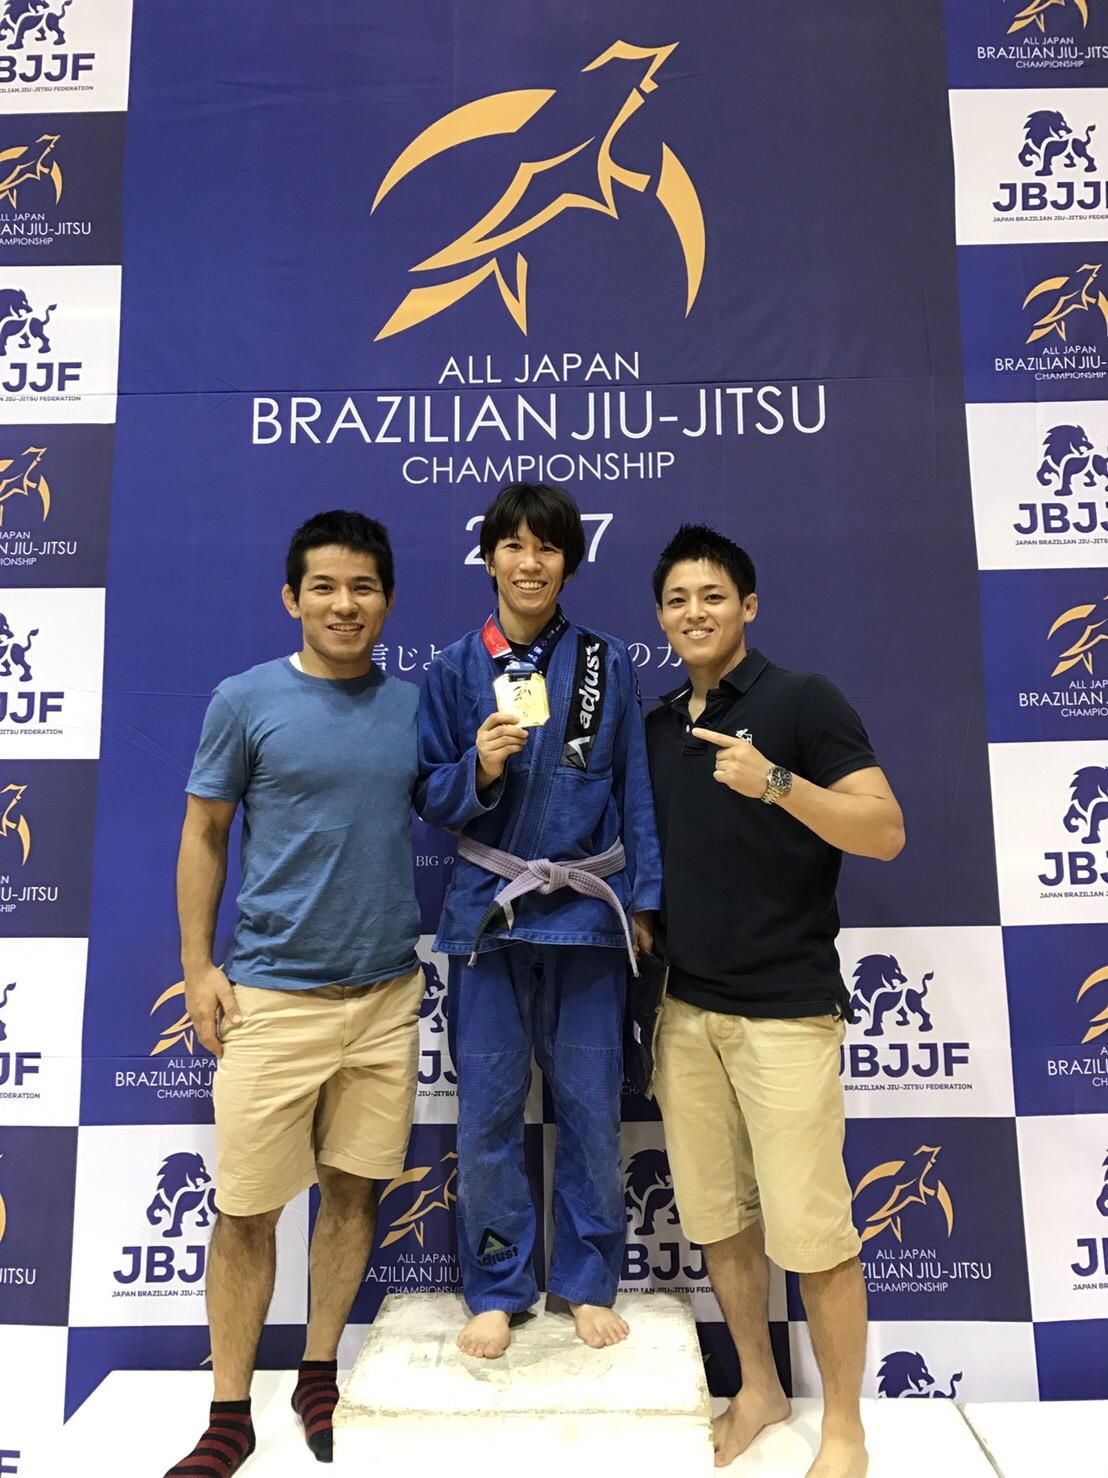 第18回全日本ブラジリアン柔術選手権